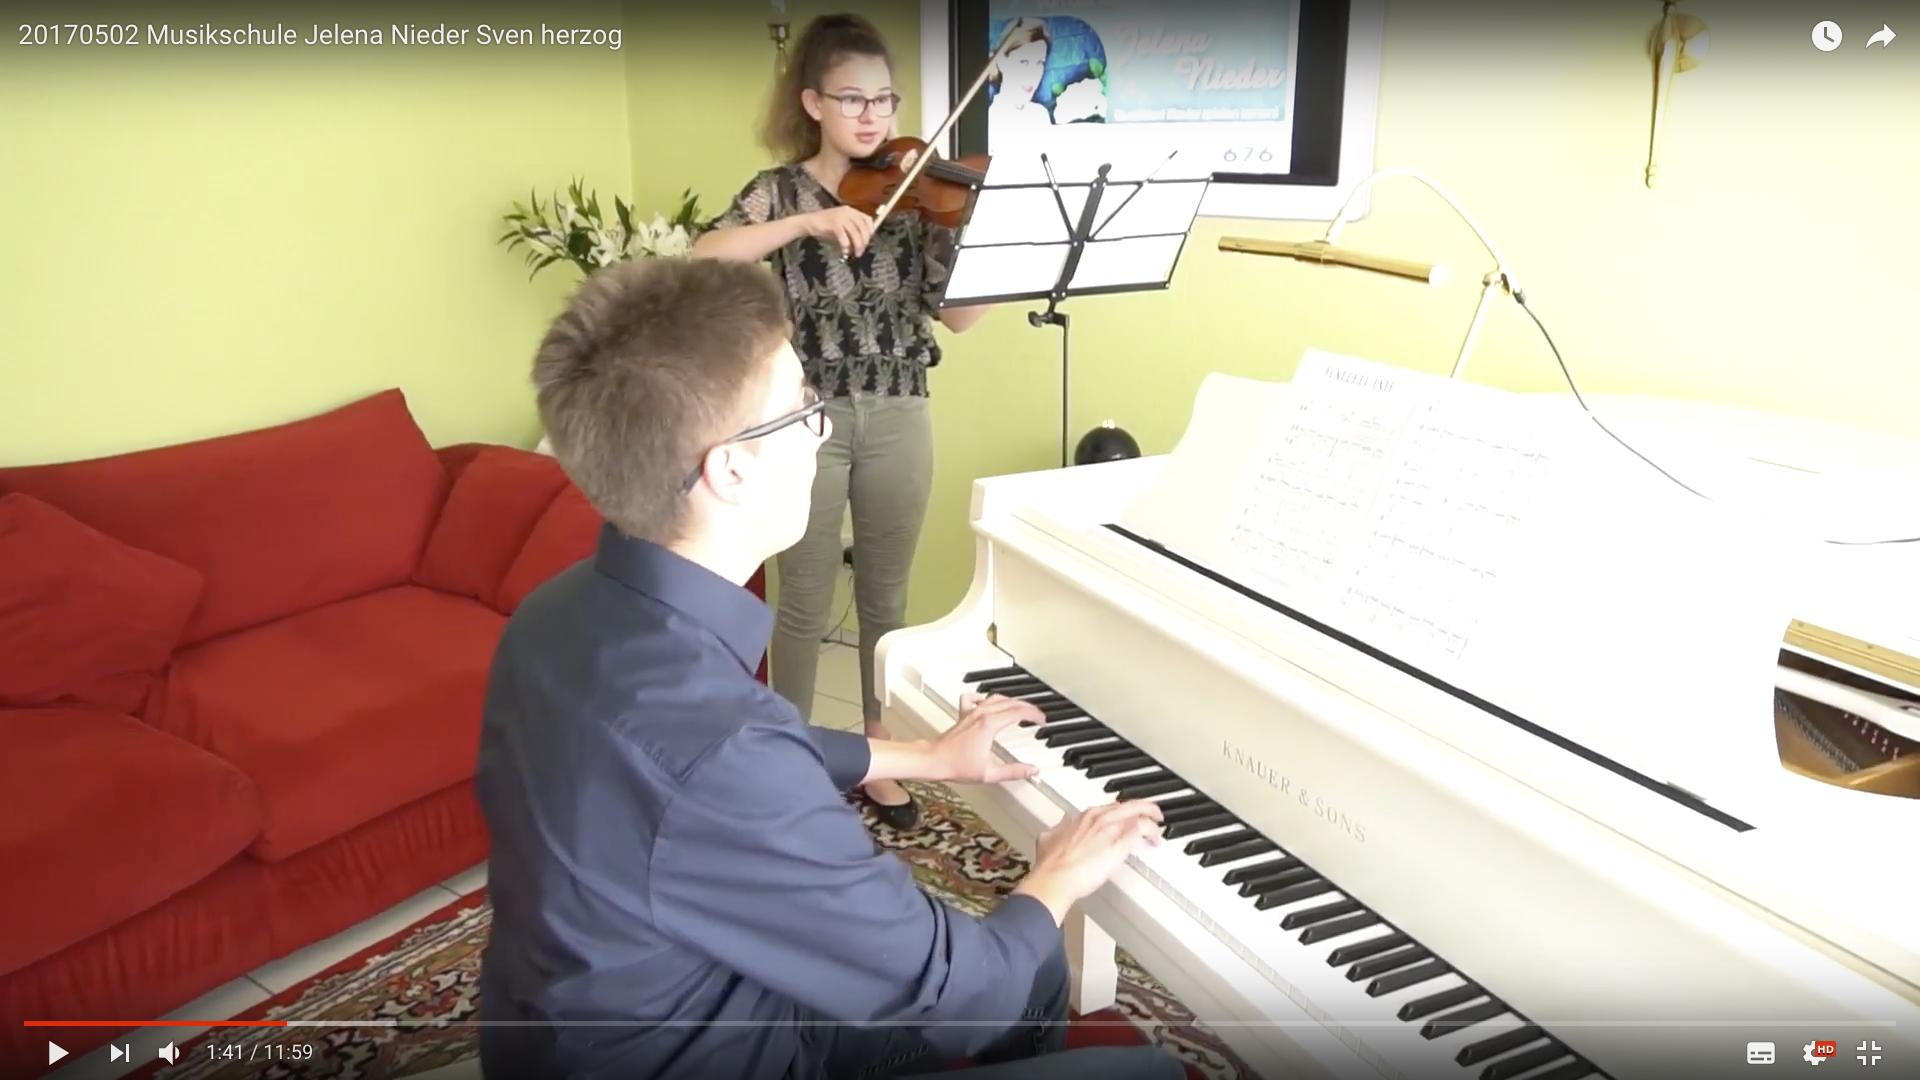 2017 Musikschule Jelena Nieder Unterricht zusammen_MSM_MEDIEN_SAAR_MOSEL_SAARLAND_FERNSEHEN_1_ED_SAAR